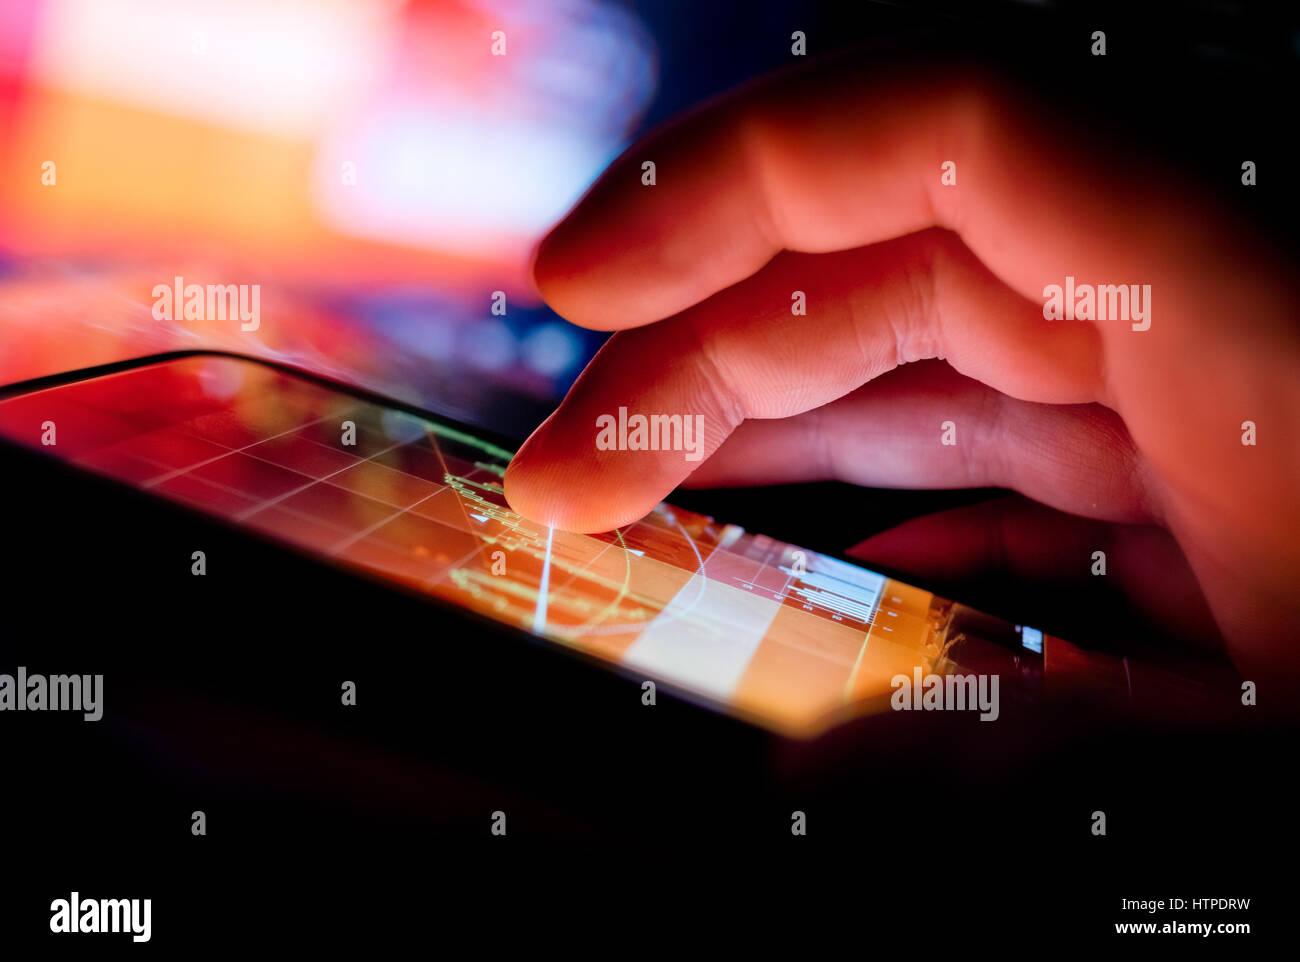 Eine Person mit einem tragbaren Gerät zu Geschäftsdaten anzeigen. Mobiltechnologie-Konzept. Stockbild